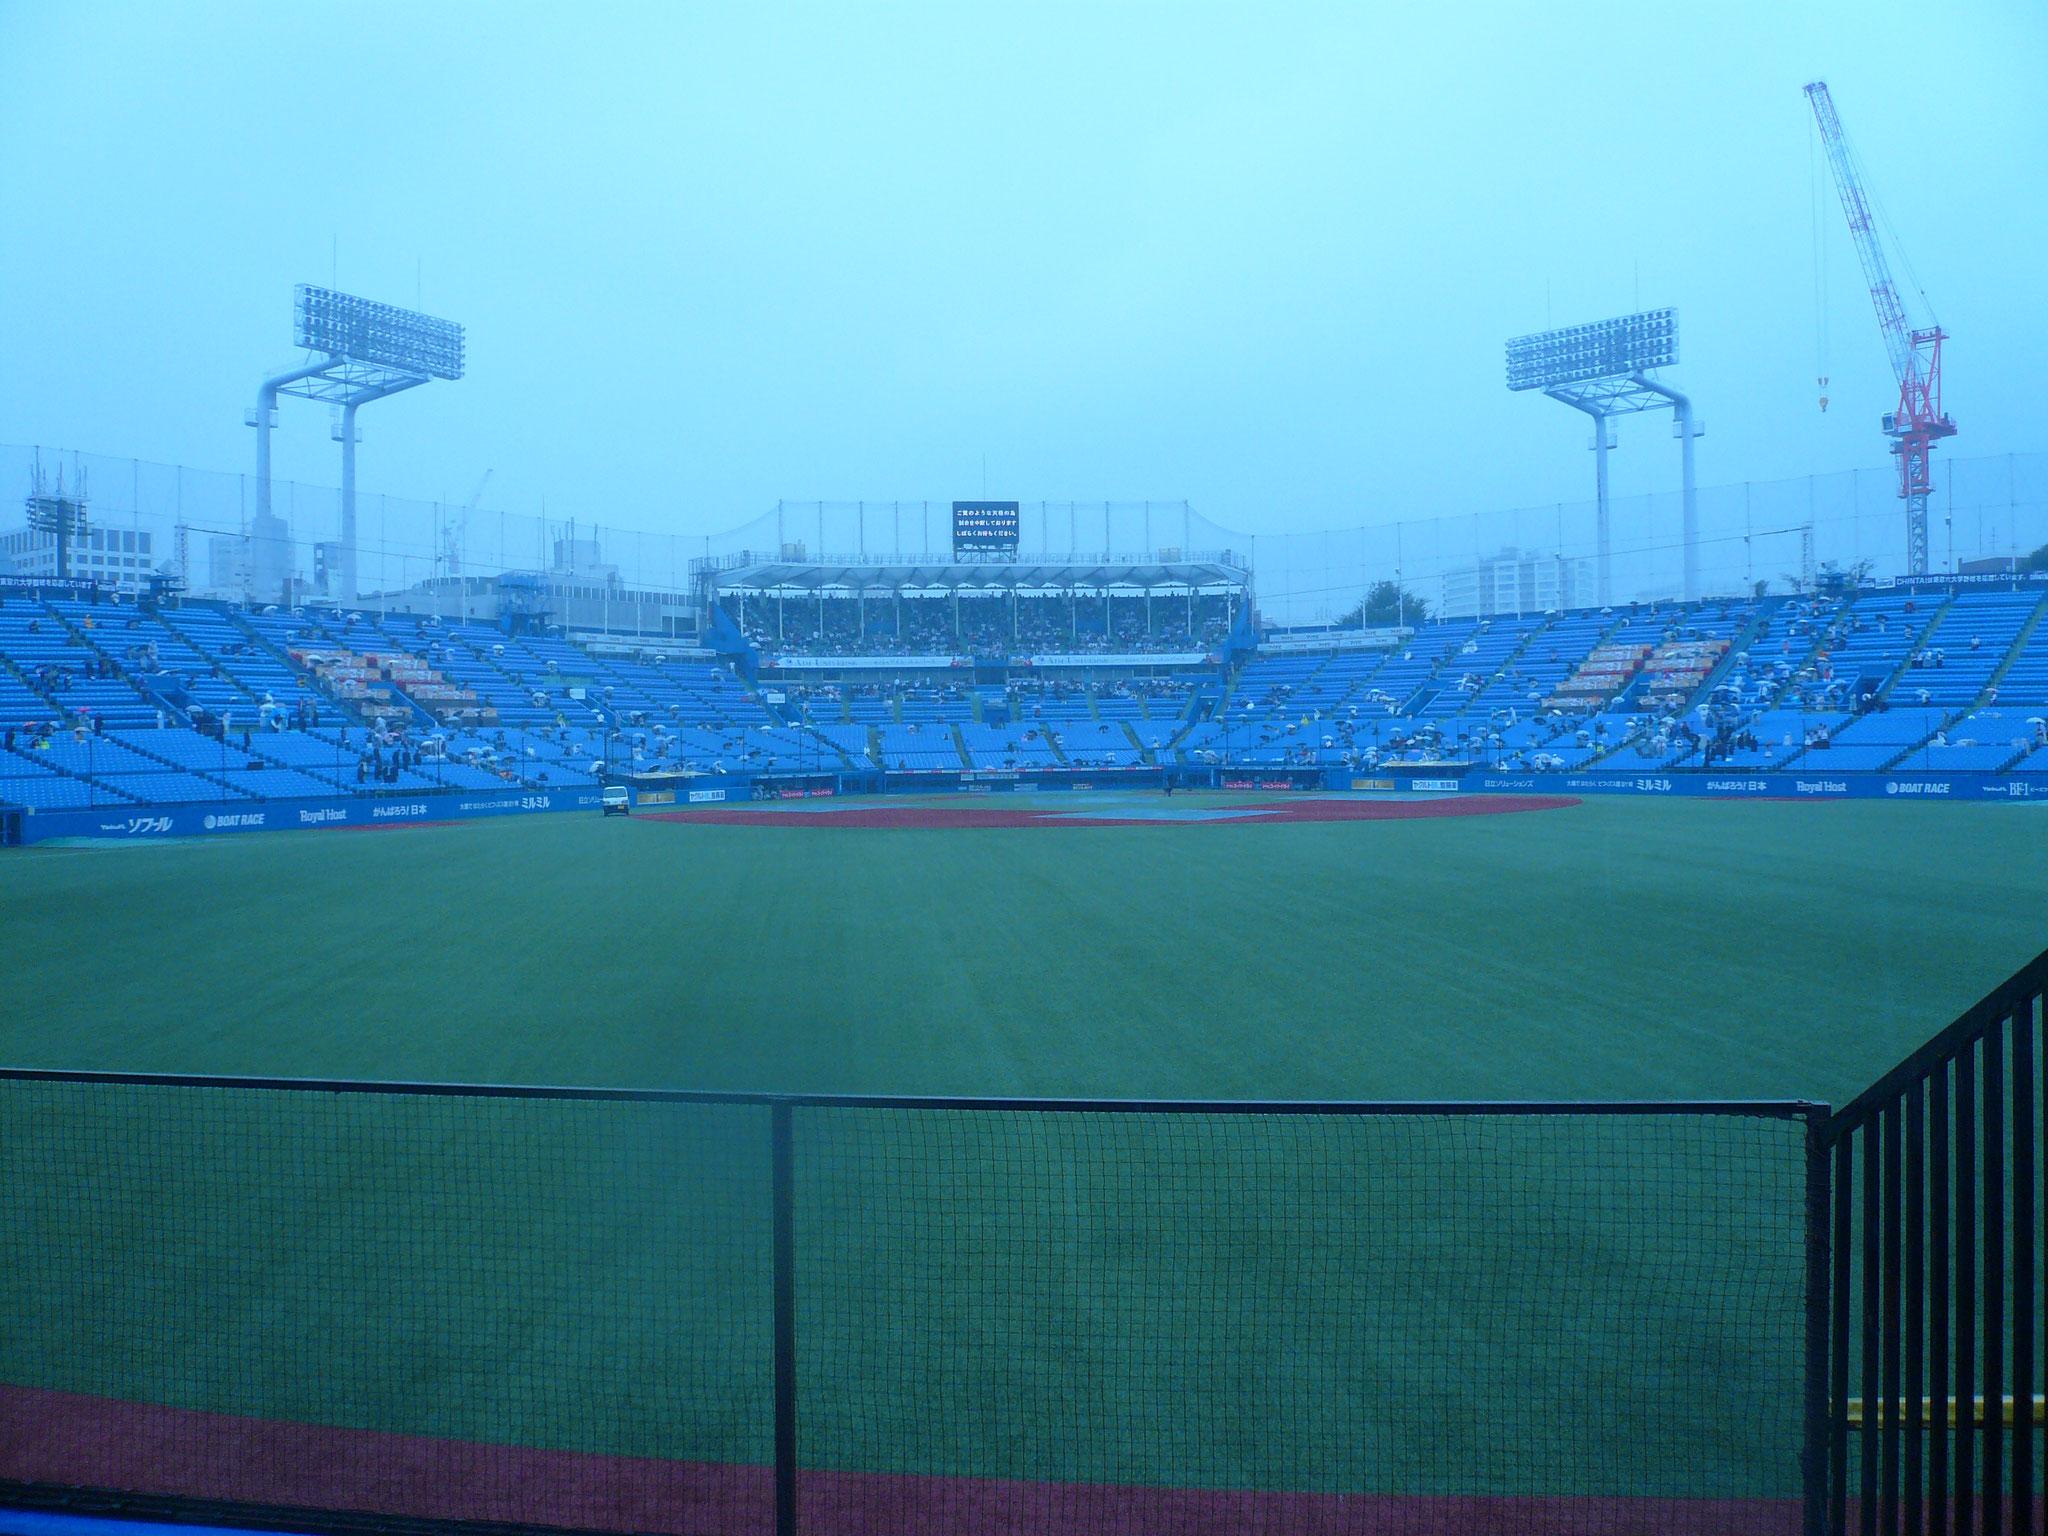 激しく降る雨